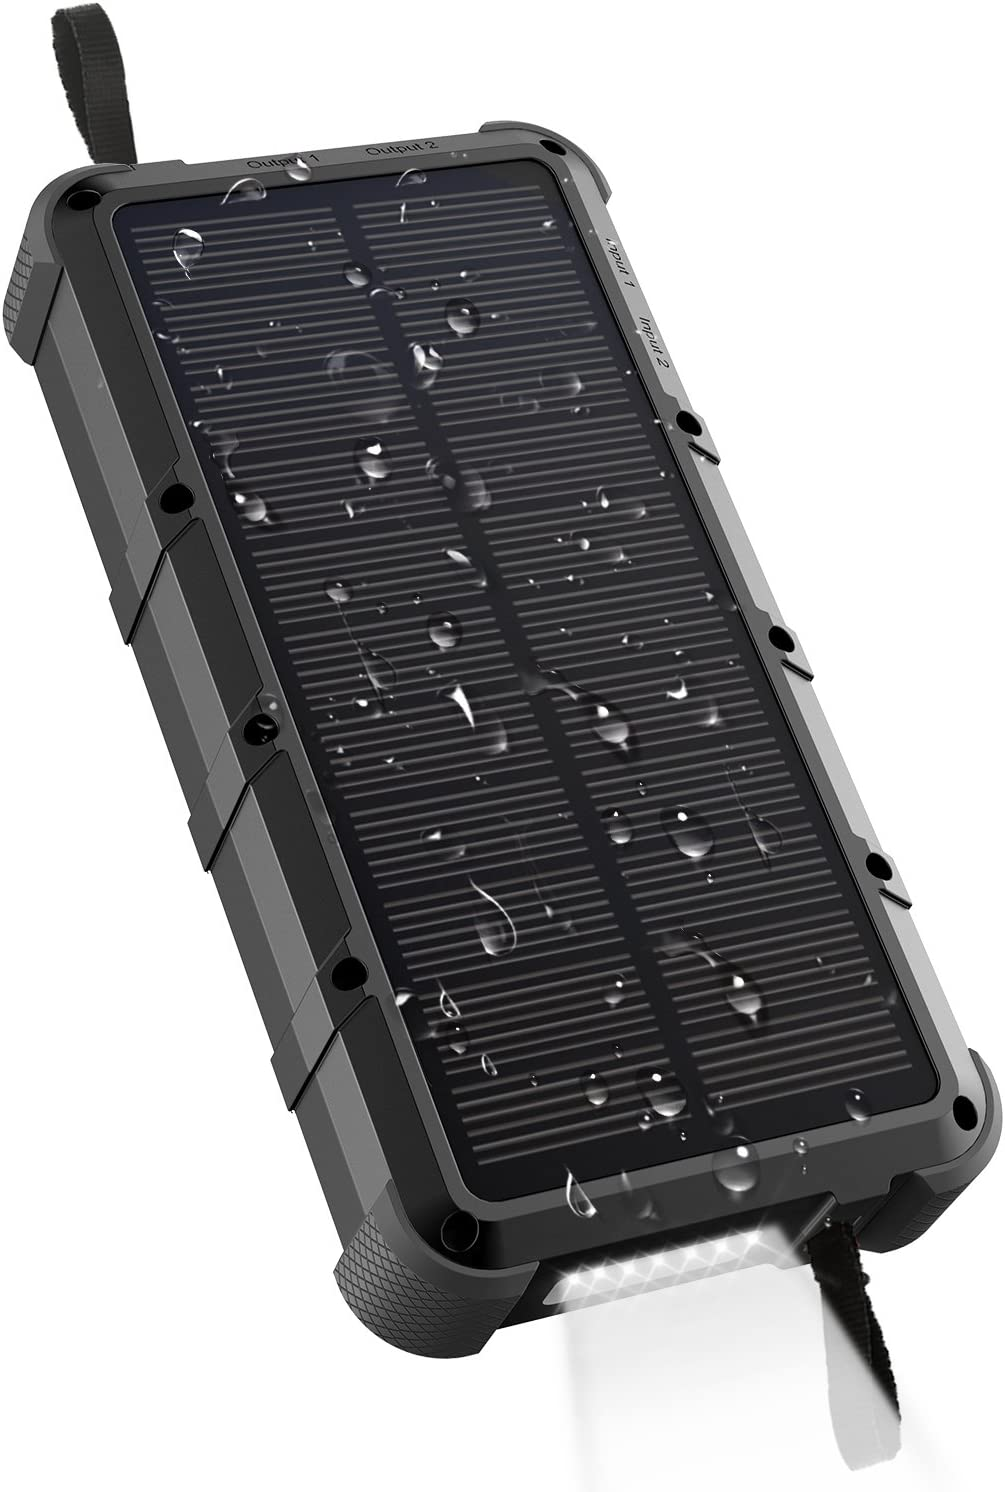 meilleur power bank solaire -decathlon-batterie externe solaire-banque d'alimentation solaire-chargeur solaire